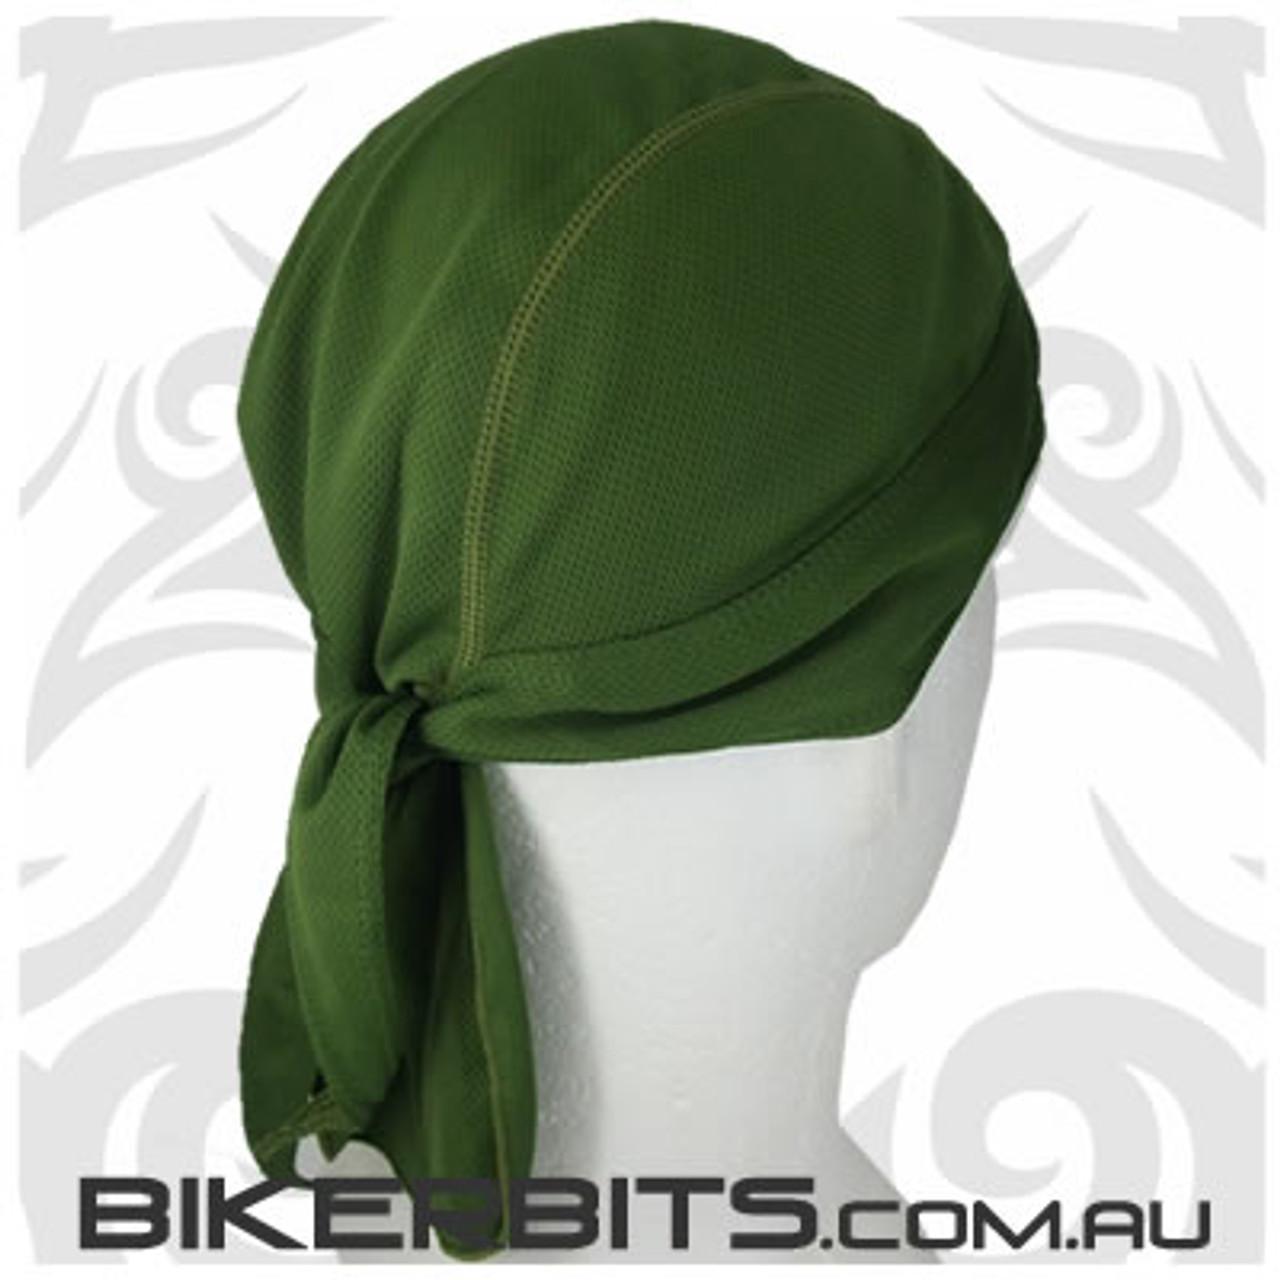 Headwear - Headwrap - Green - Stretchy